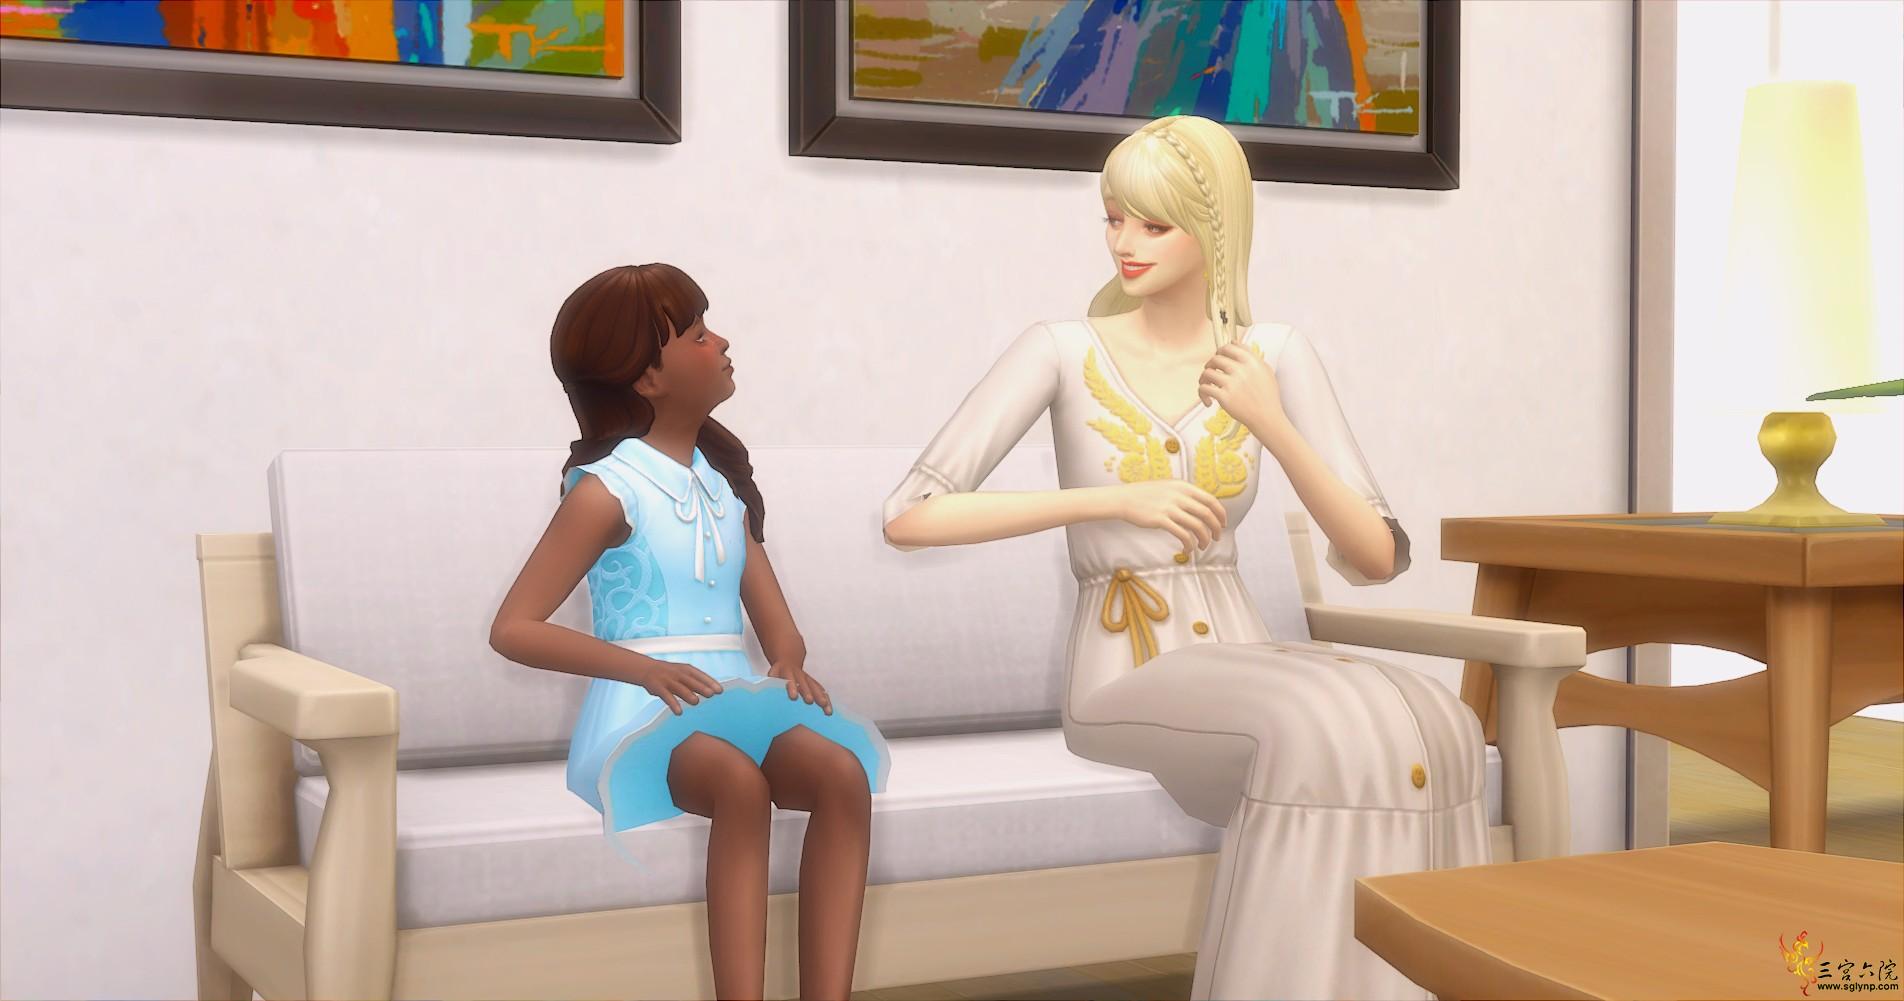 Sims 4 Screenshot 2021.02.11 - 15.07.45.23.png